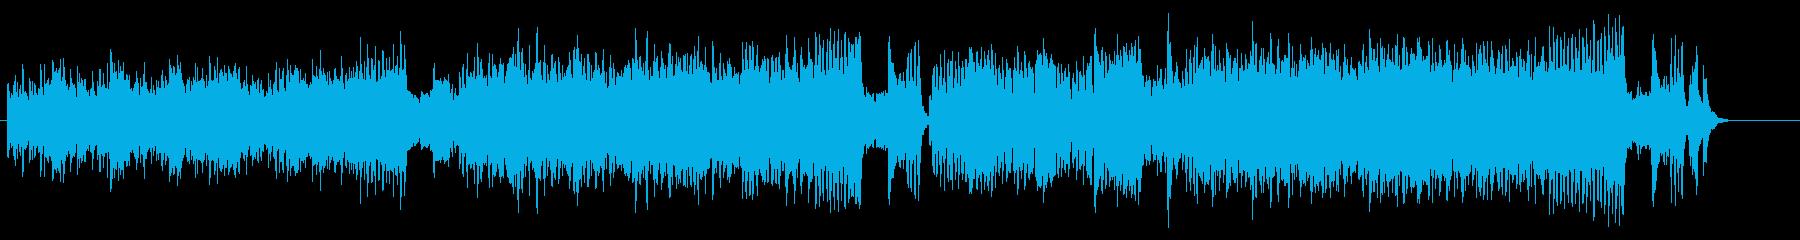 キャッチなメリーゴーラウンド風クラシックの再生済みの波形